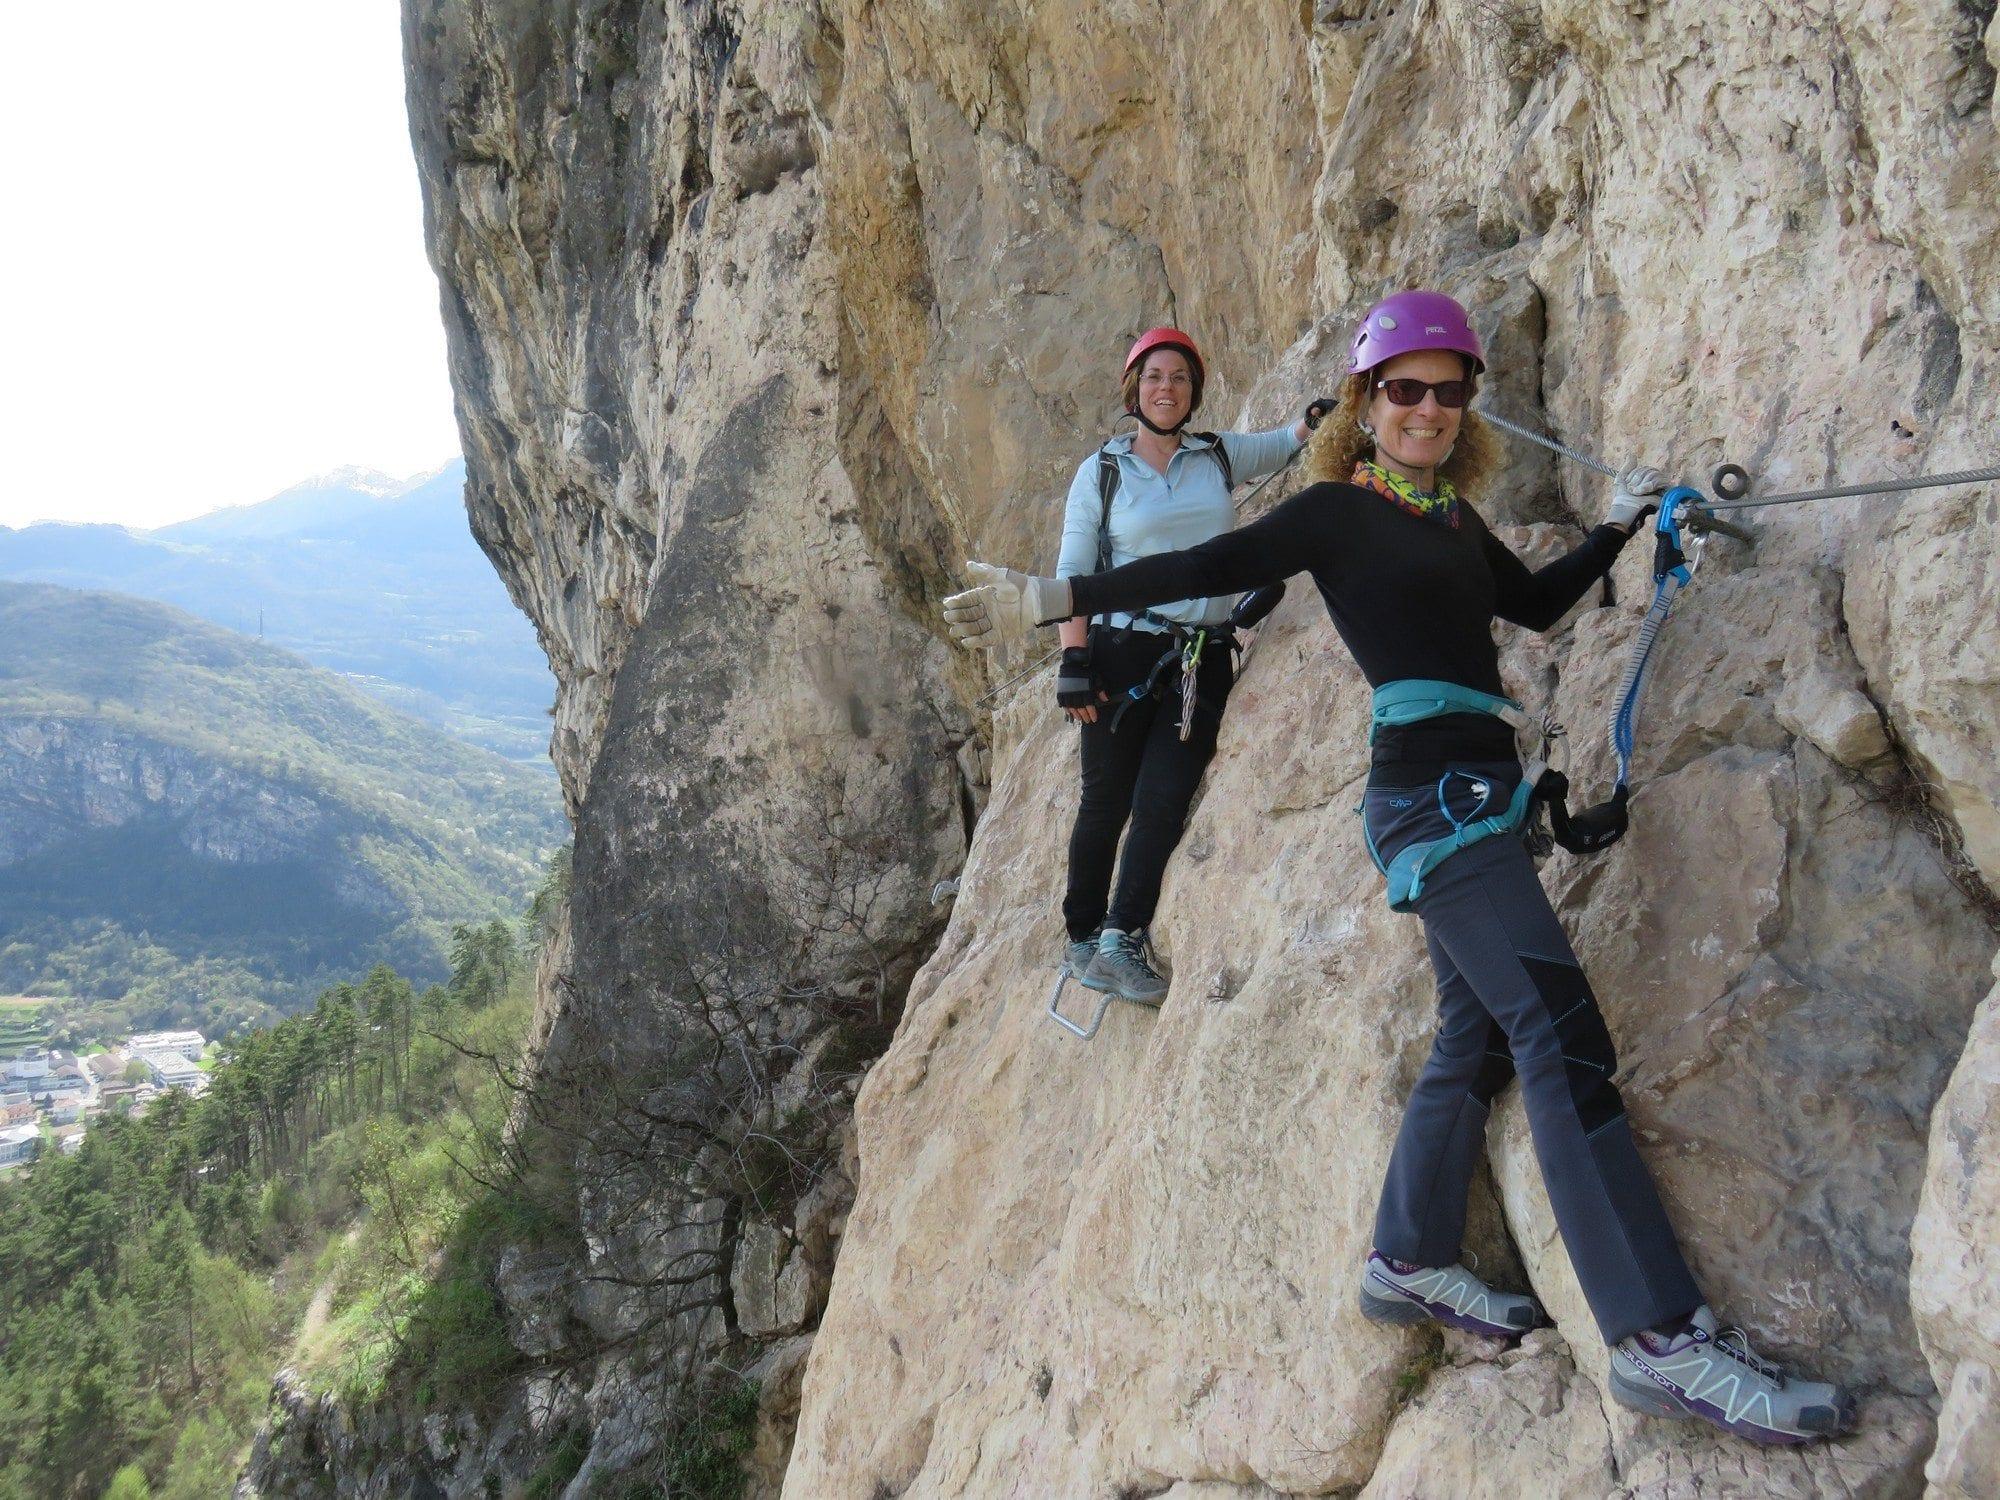 ויה פראטה Monte Albano - טיולי אתגר צפון איטליה - ערוצים בטבע